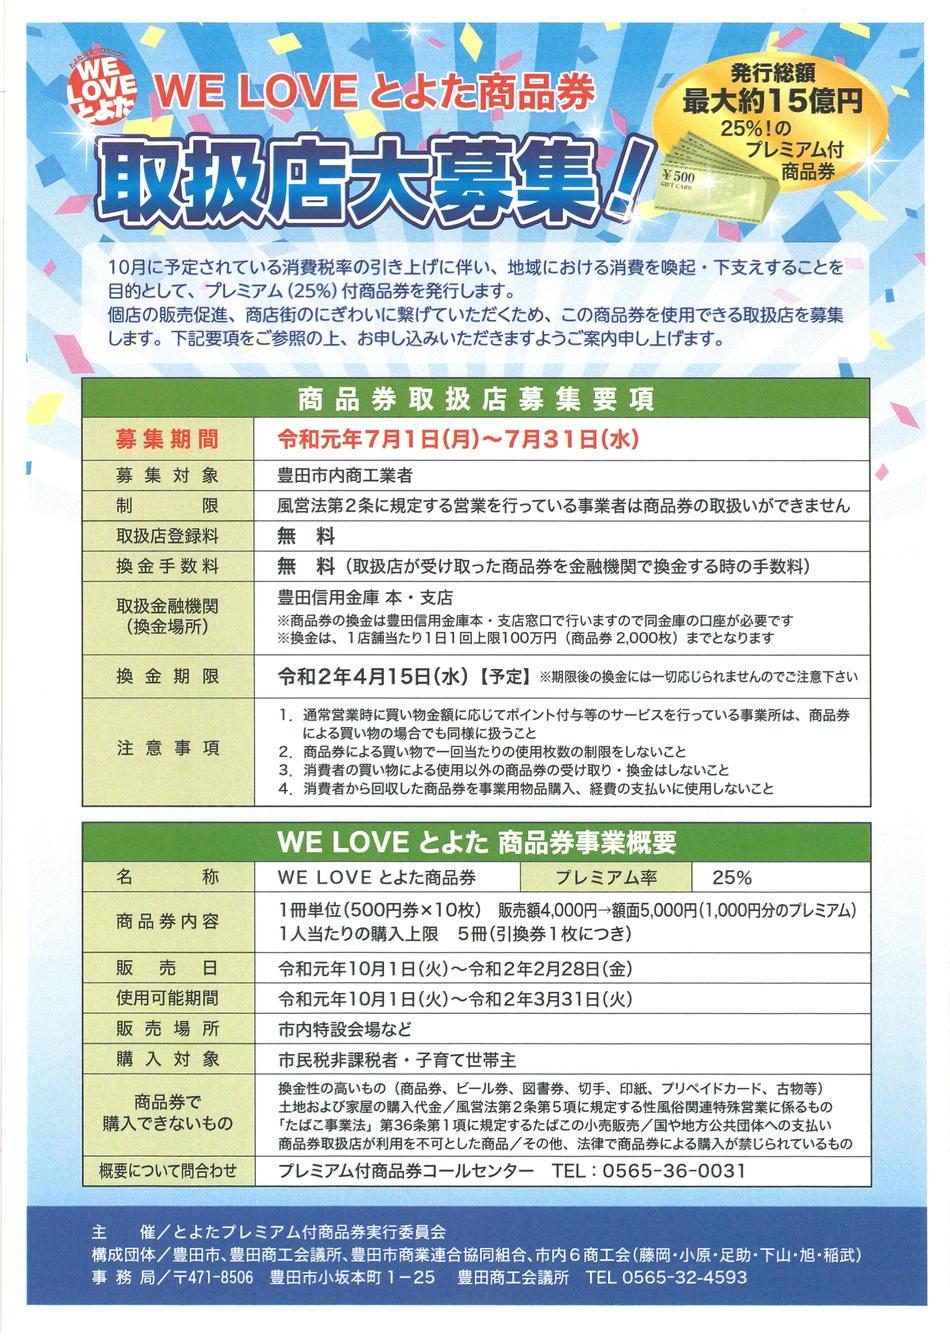 とよた商品券取扱店募集(1).jpg